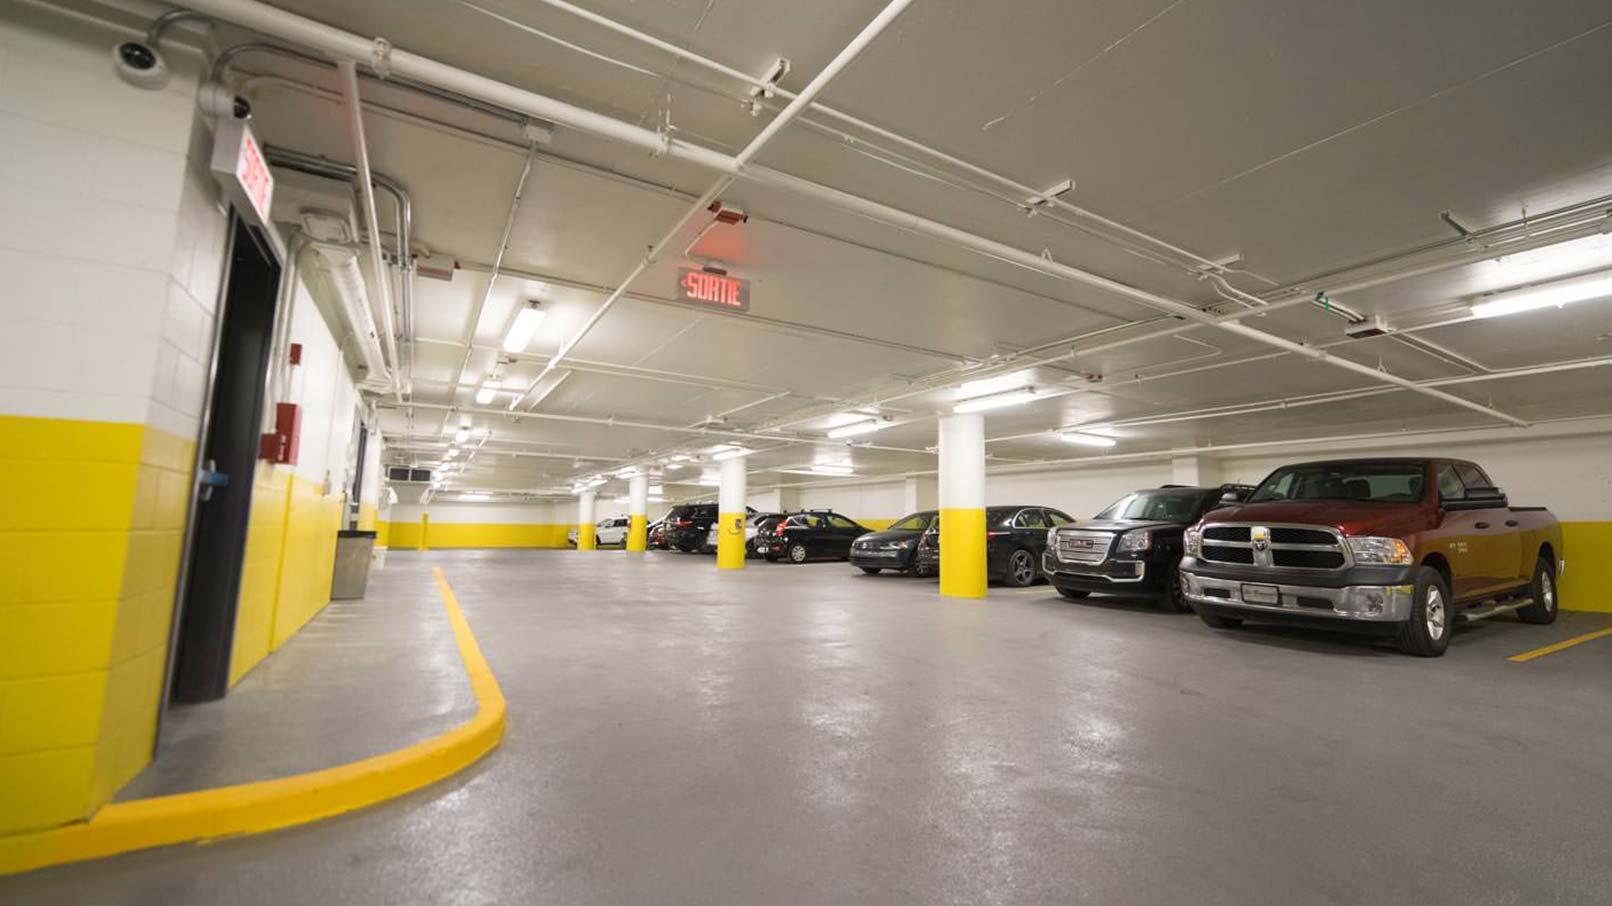 24h Indoor Parking